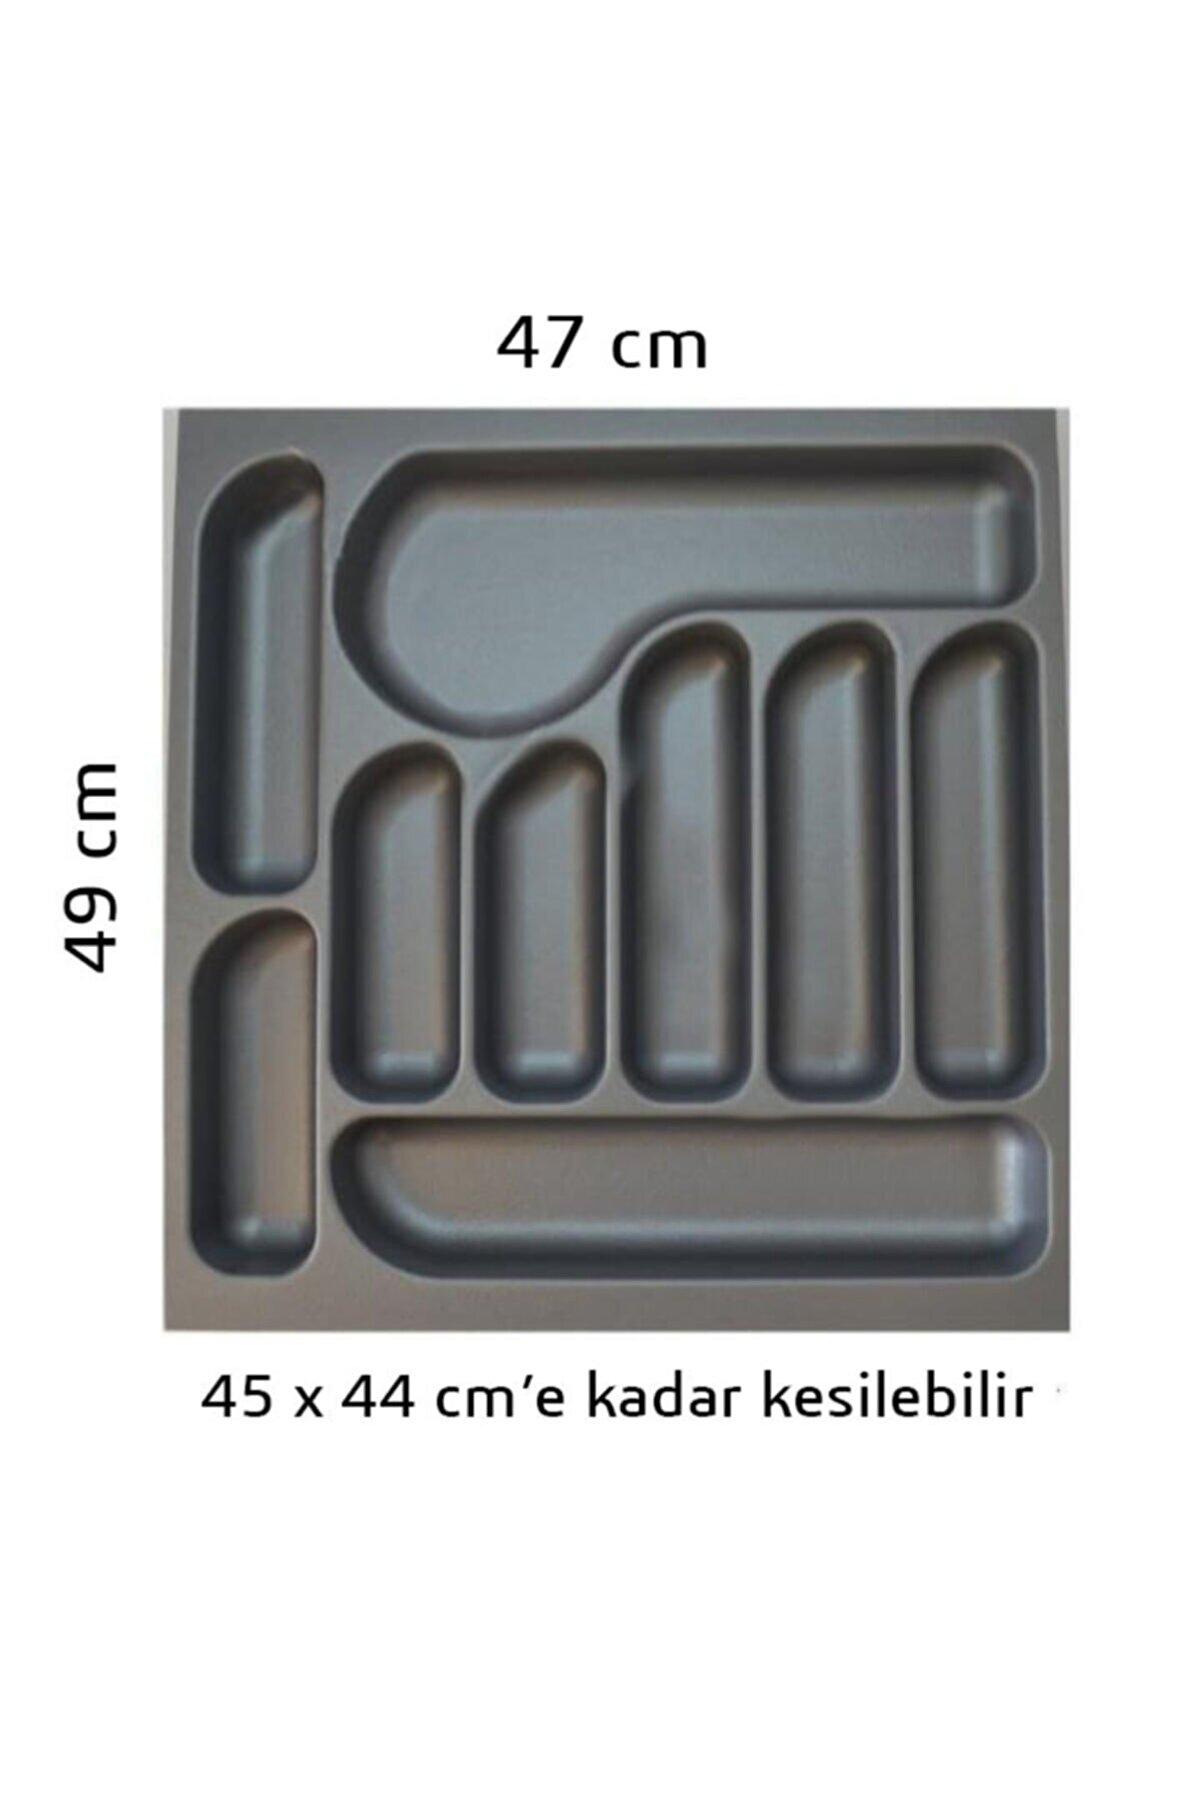 AYTFIX 47x49 (45x44'e Kadar Kesilebilir) Gri Çekmece Içi Kaşıklık